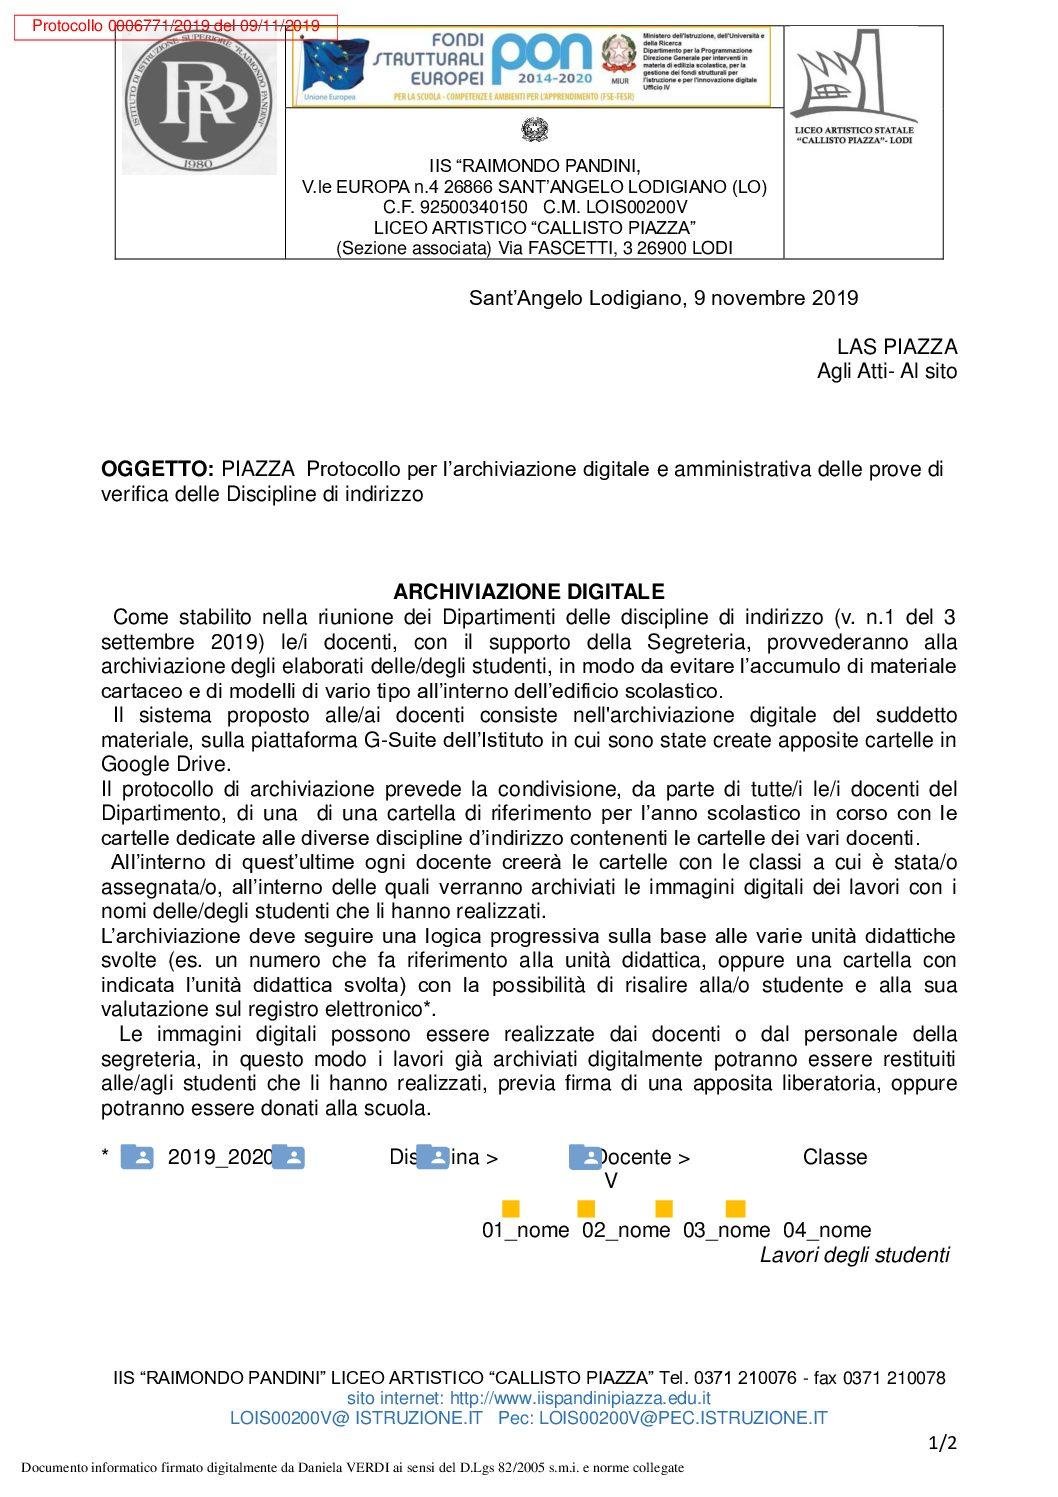 PER SITO LAS PIAZZA REGOLAMENTO PER L'ARCHIVIAZIONE DEGLI ELABORATI DELLE DISCIPLINE D'INDIRIZZO